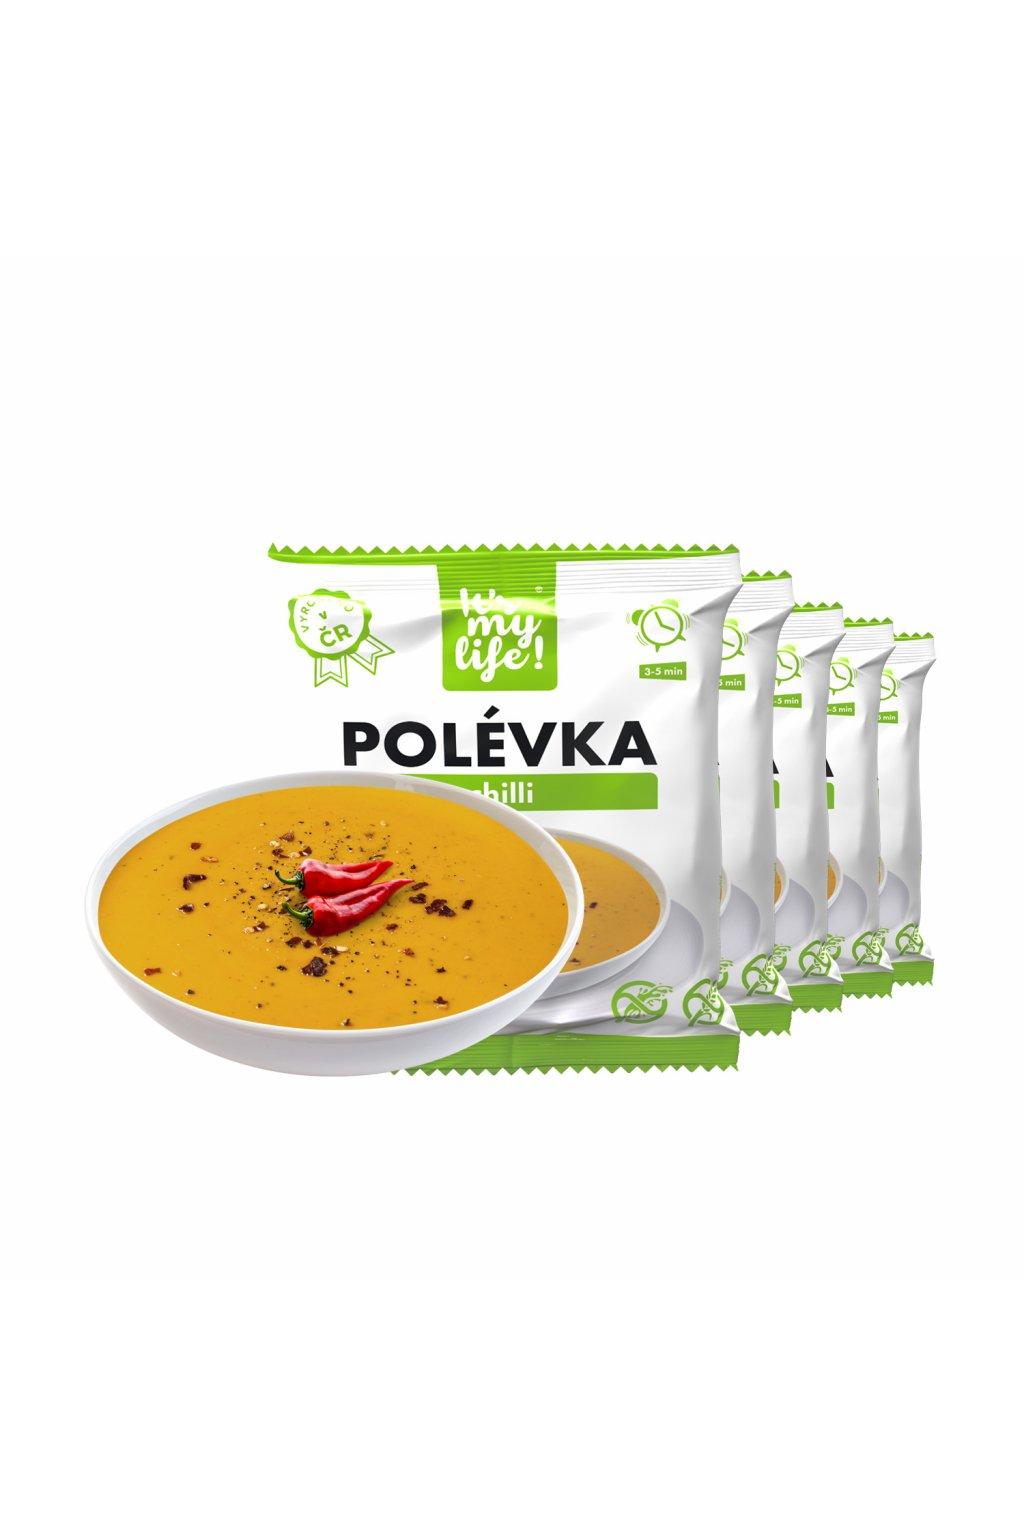 Proteínové polievky s príchuťou čili, 200g (5porcií)